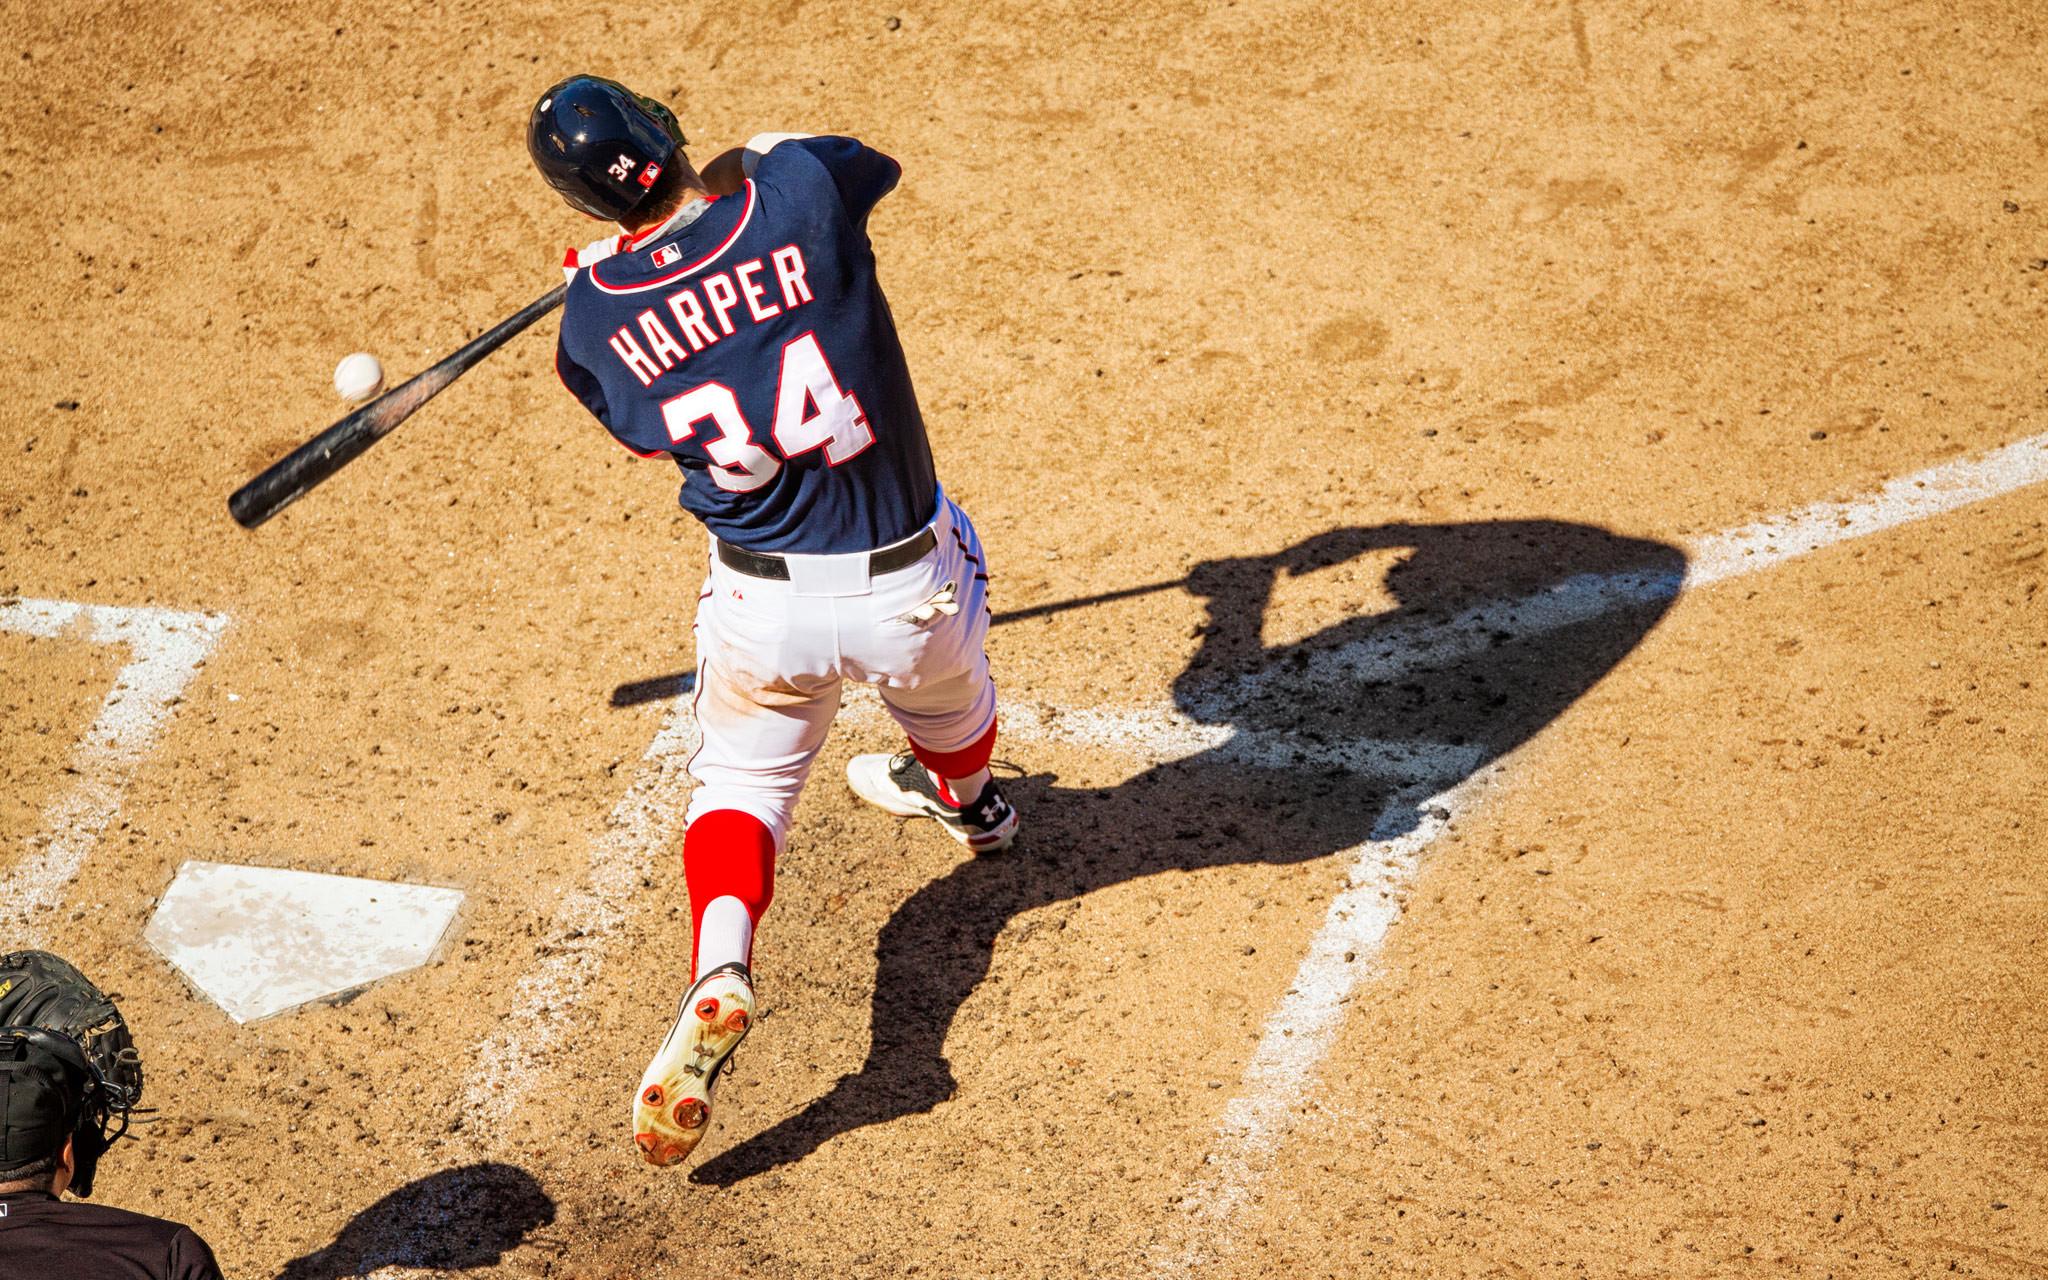 WASHINGTON NATIONALS mlb baseball (1) wallpaper | | 229445 |  WallpaperUP